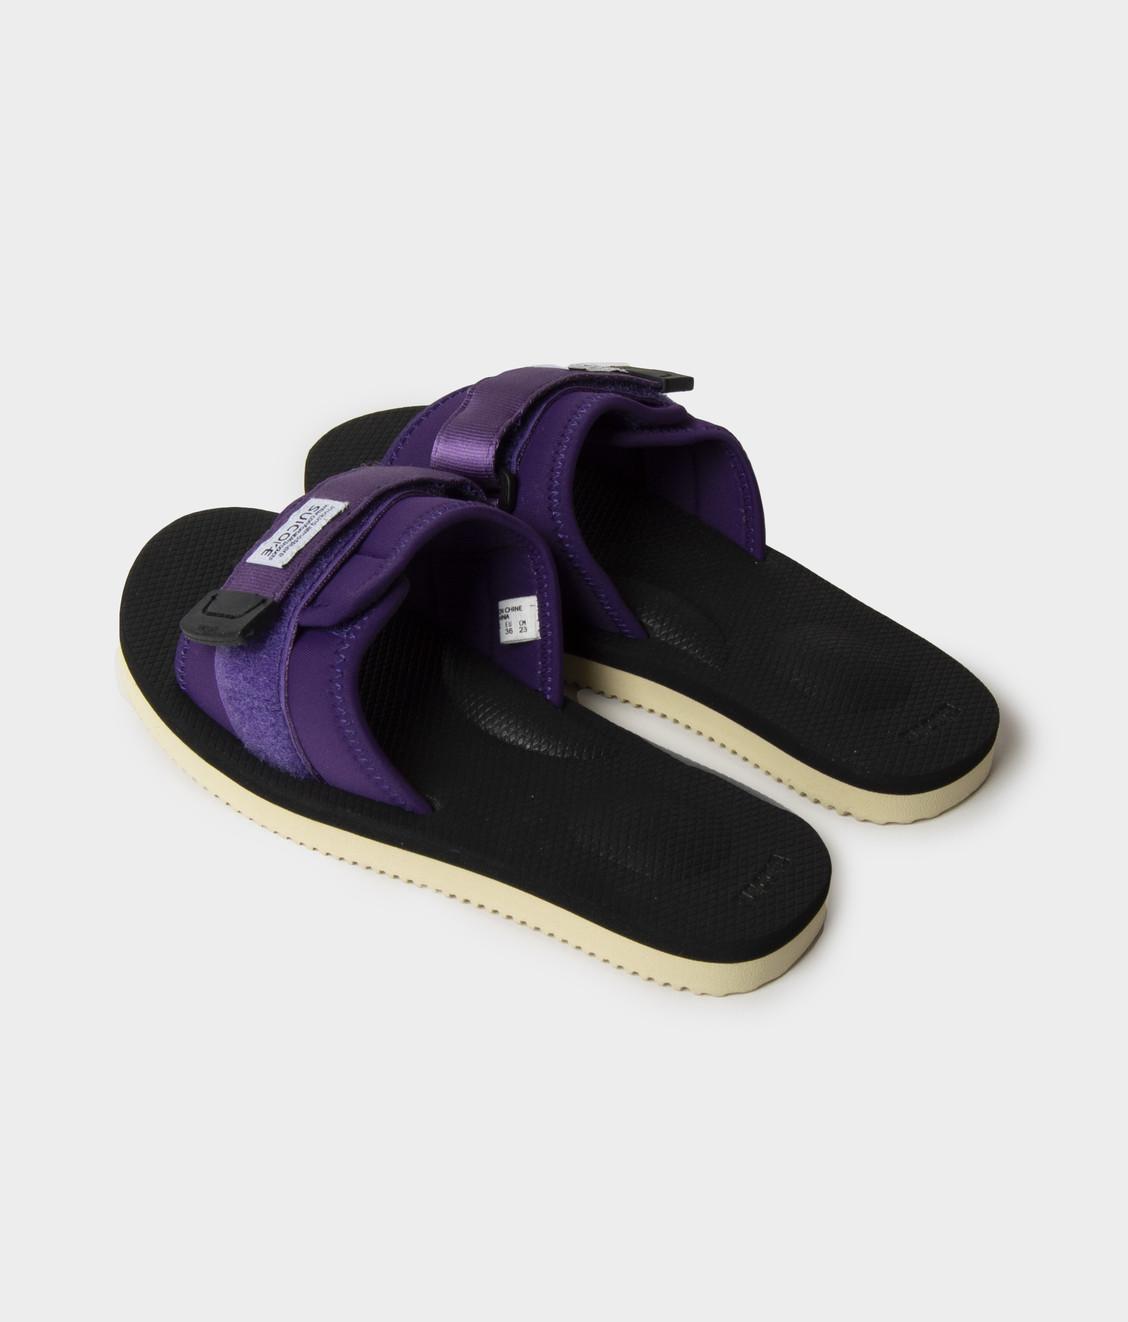 Suicoke Suicoke Padri Purple